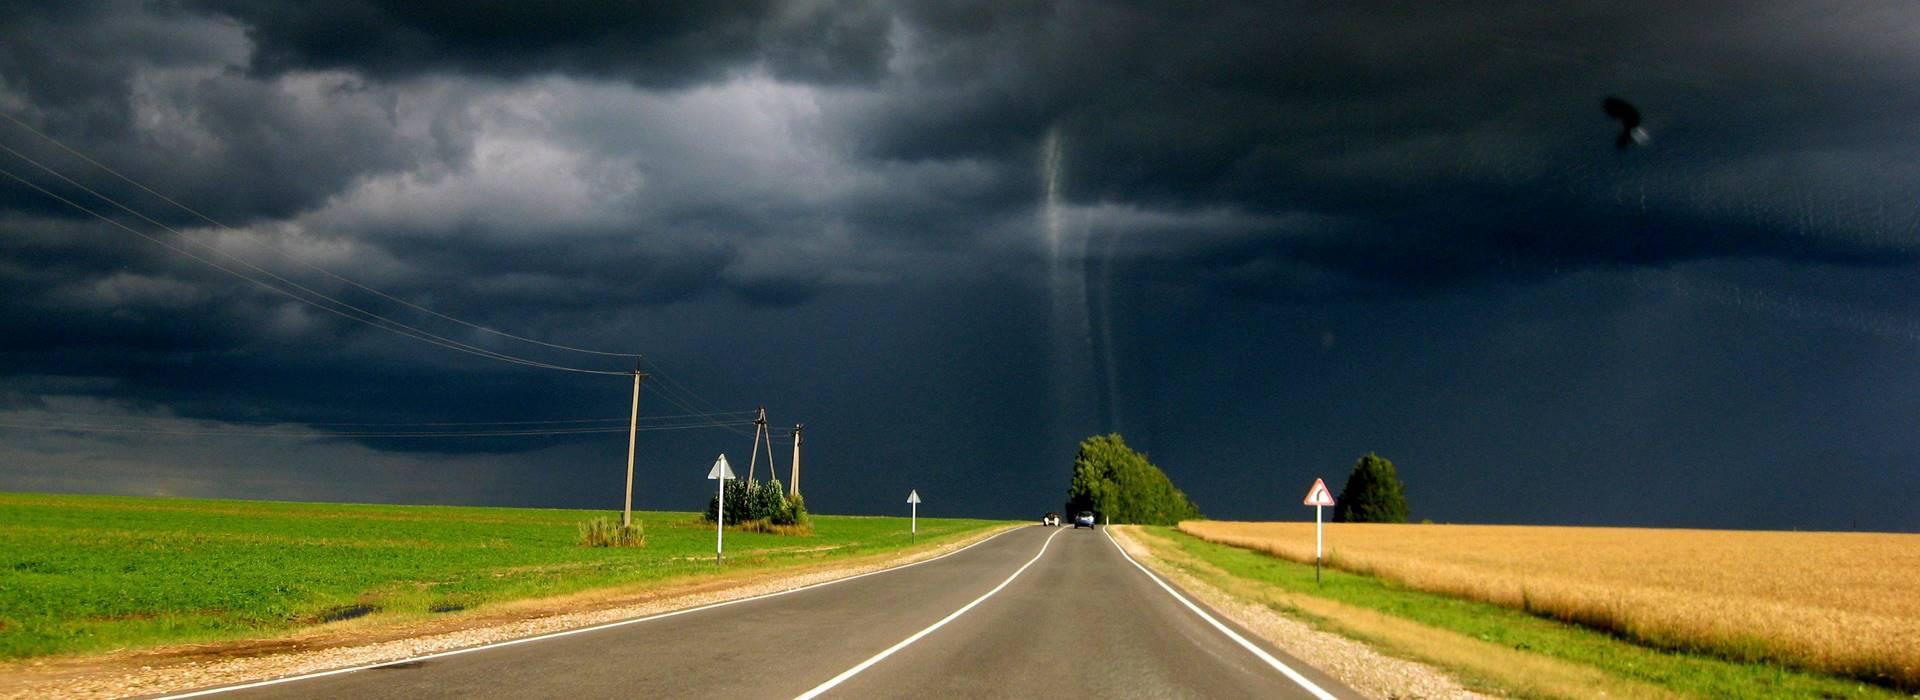 Погода на дороге